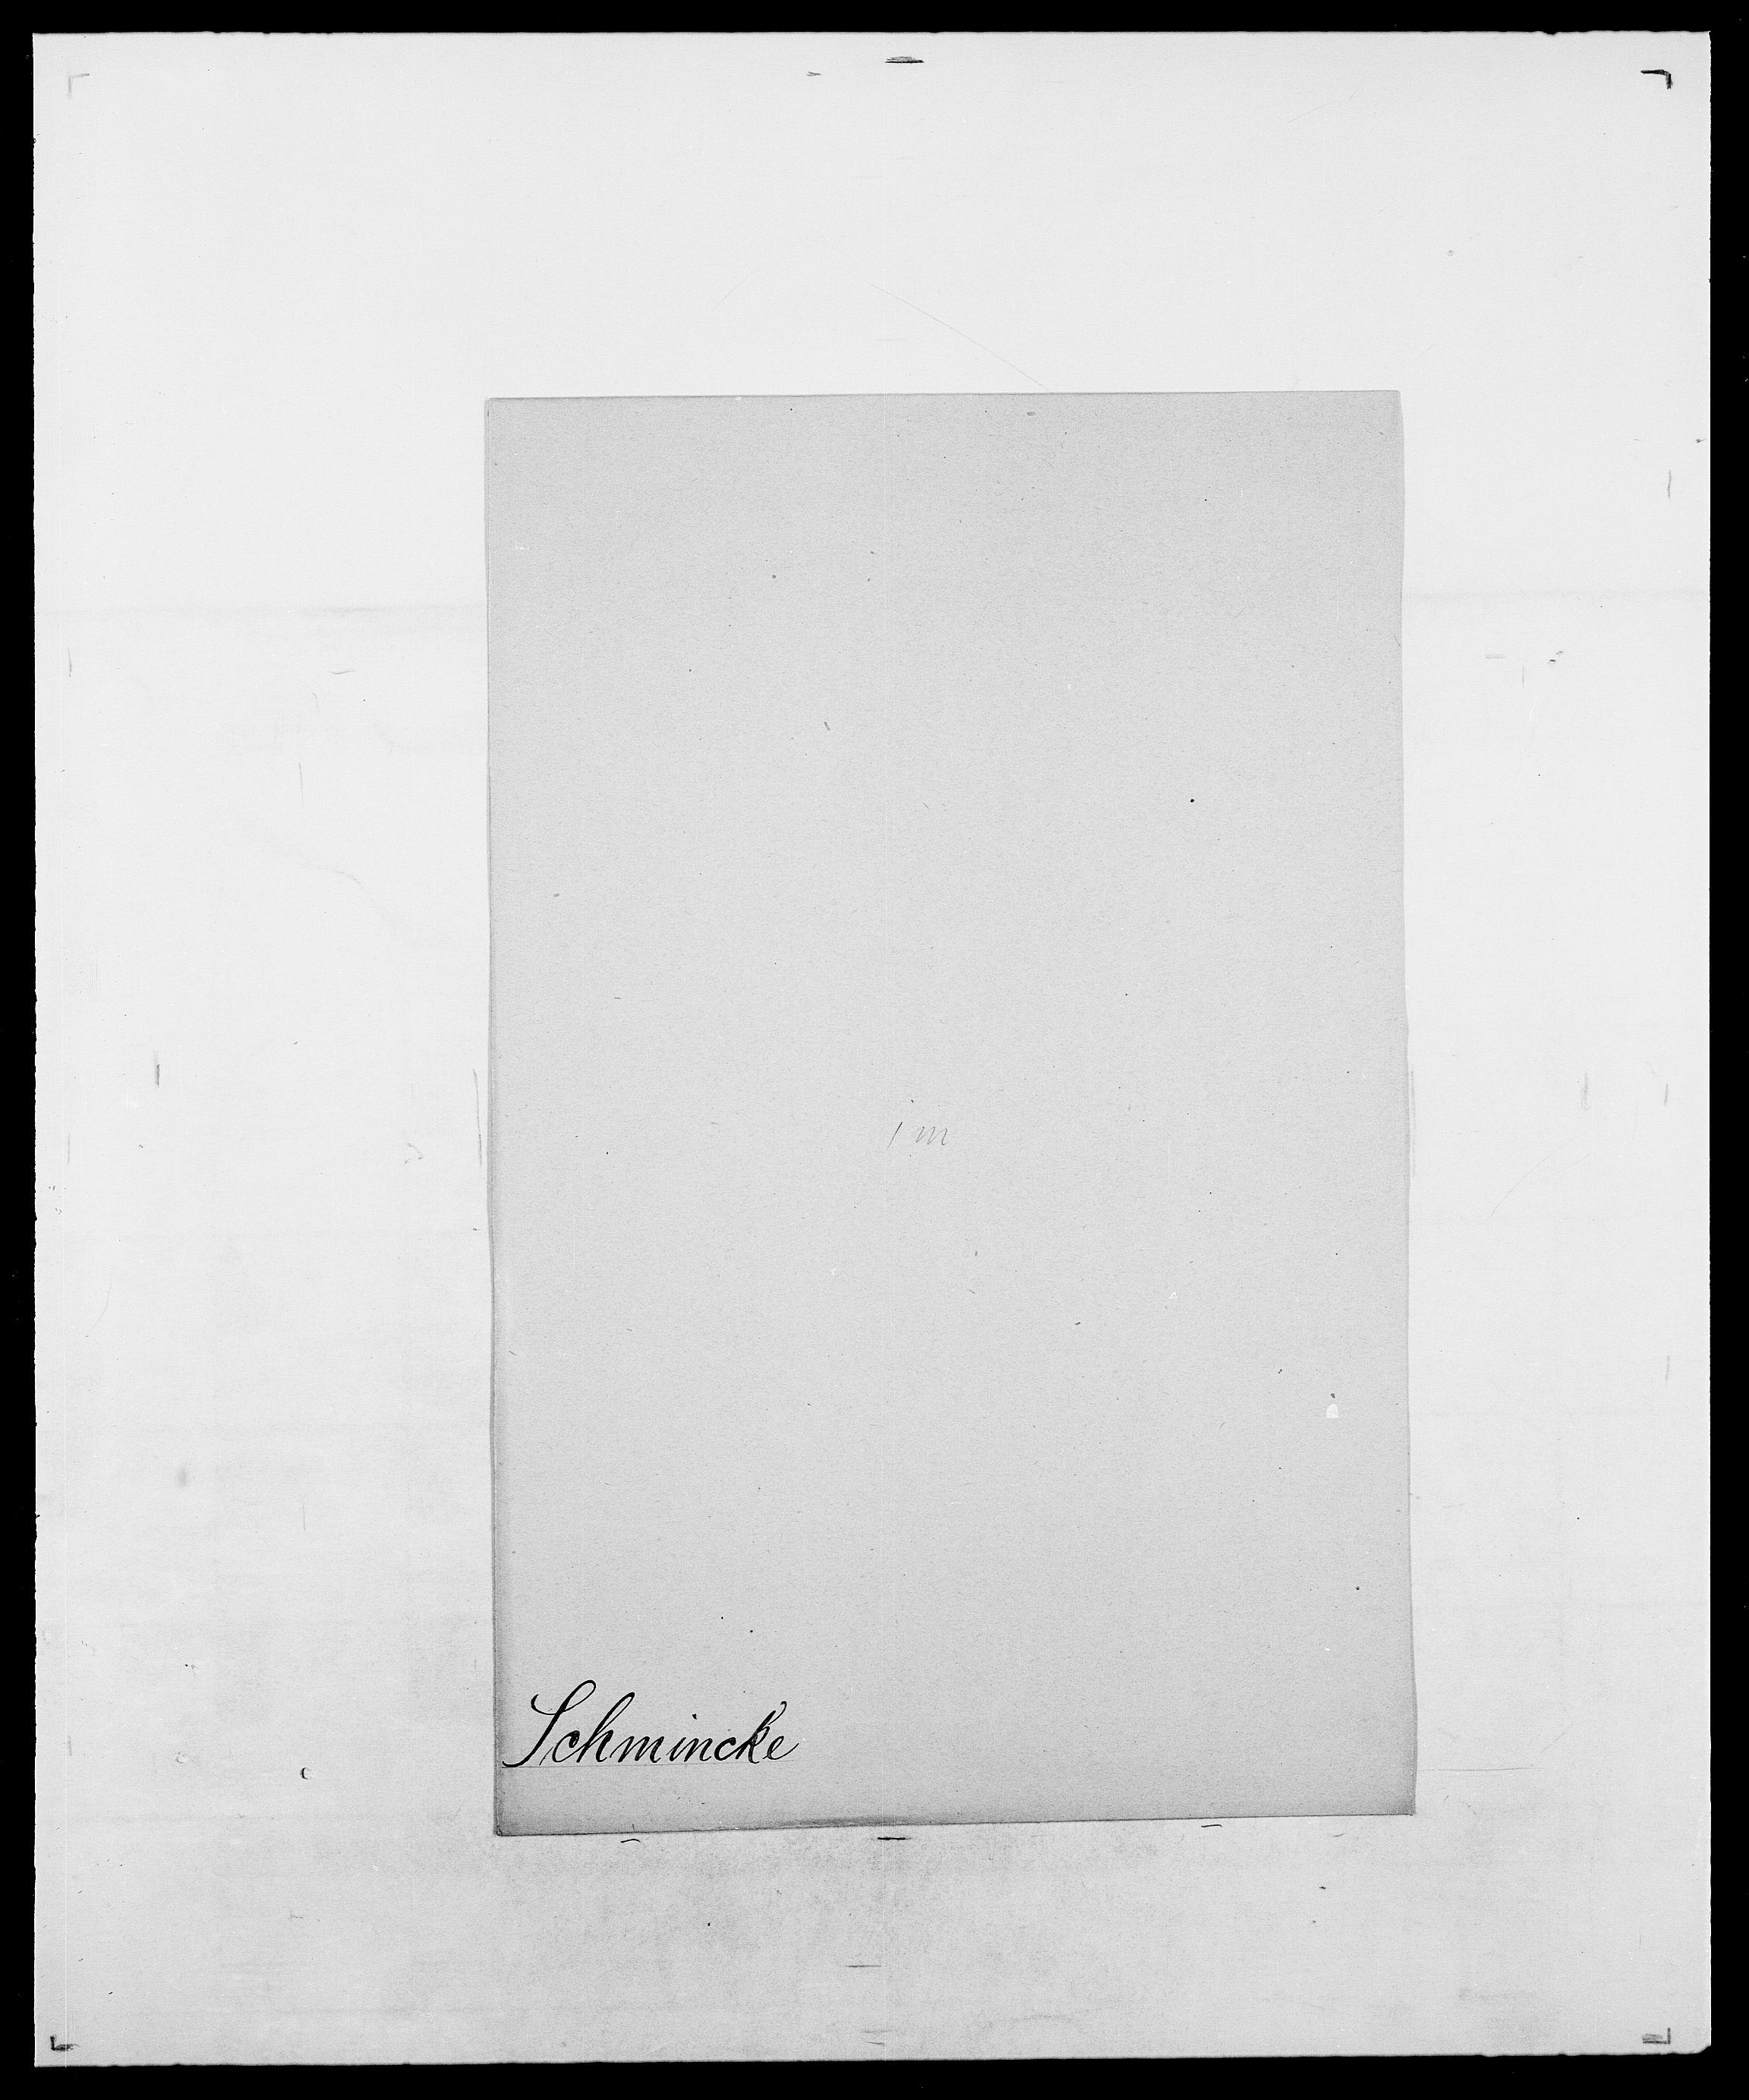 SAO, Delgobe, Charles Antoine - samling, D/Da/L0034: Saabye - Schmincke, s. 939